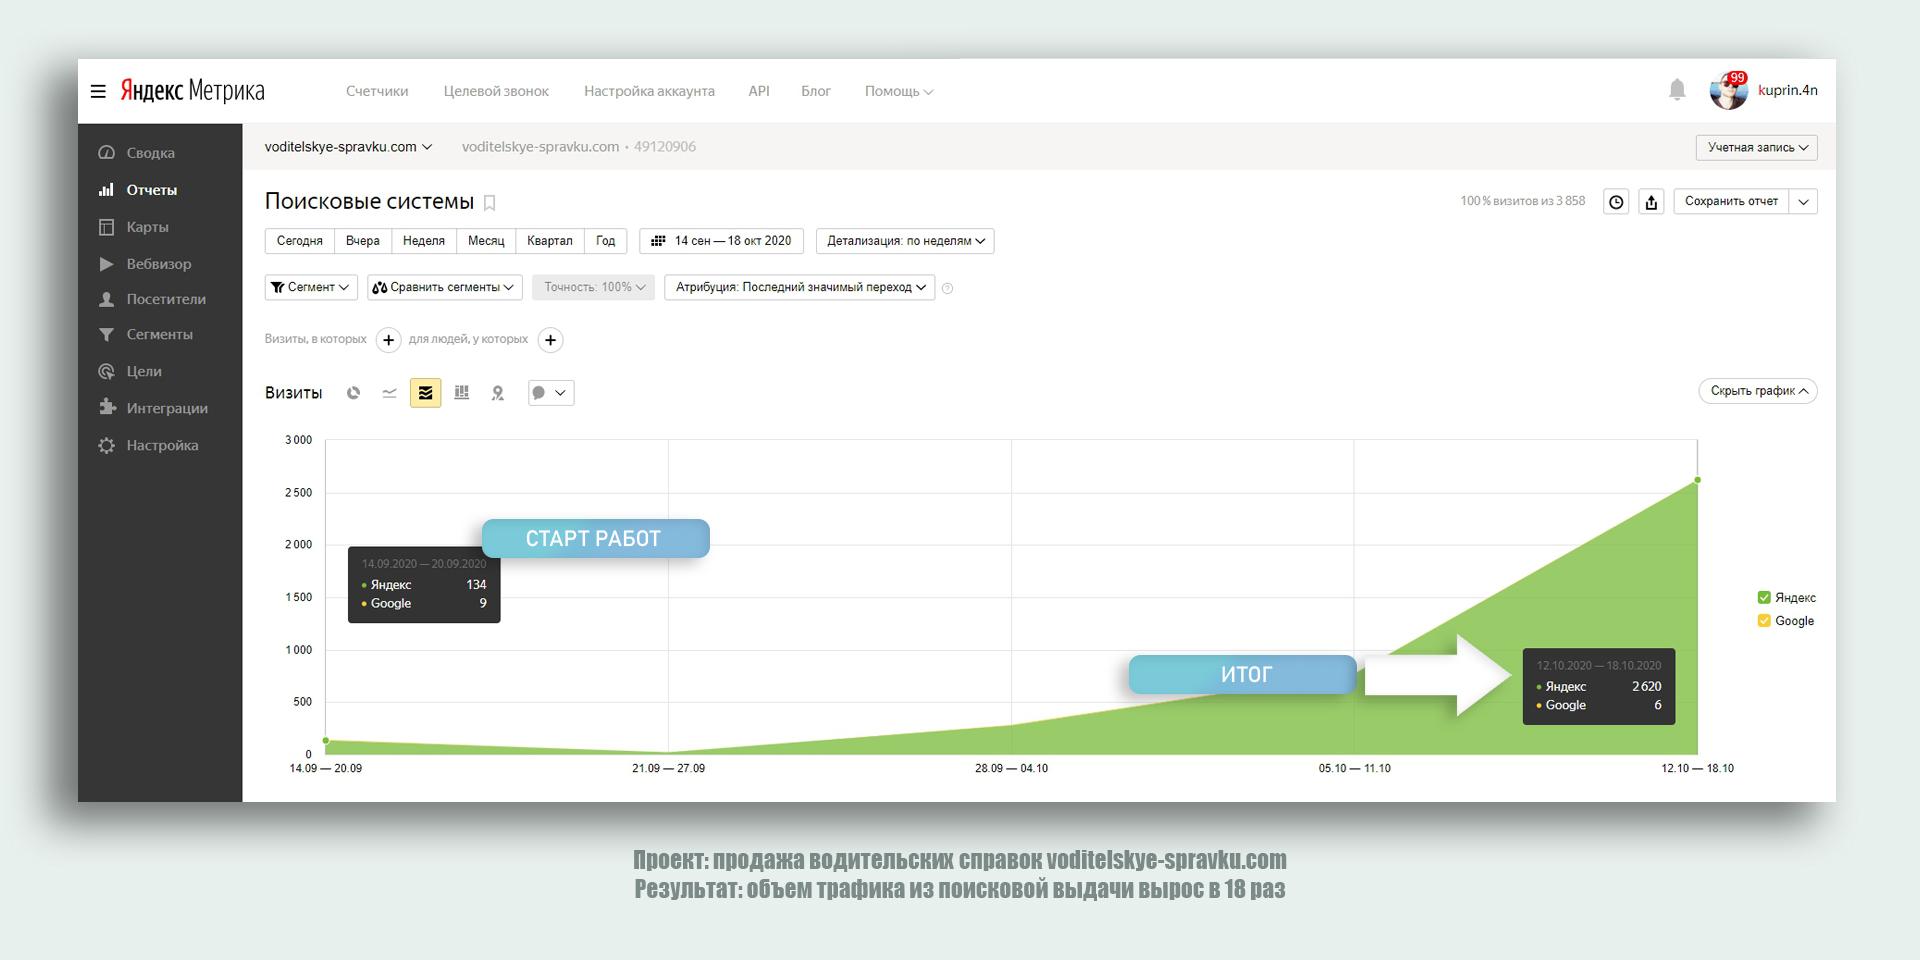 Рост трафика из поисковой выдачи - 736%